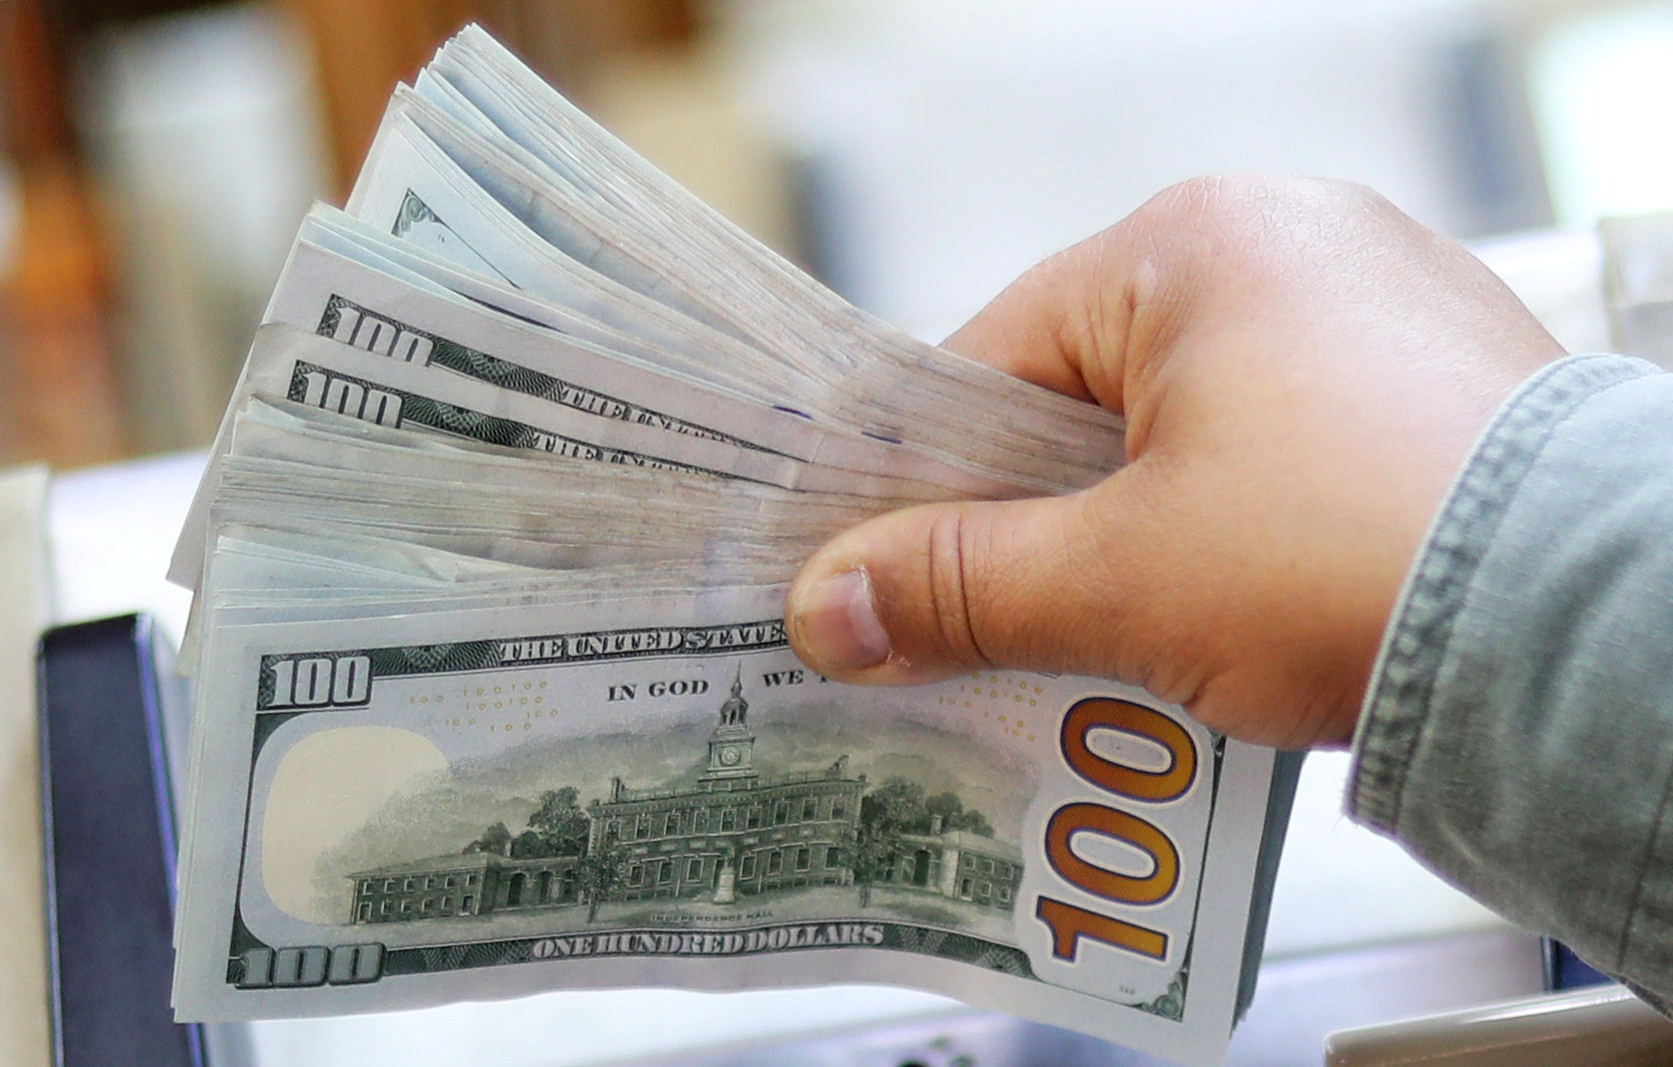 سعر الدولار اليوم الأربعاء 27 مايو أمام الجنيه - أموال الغد